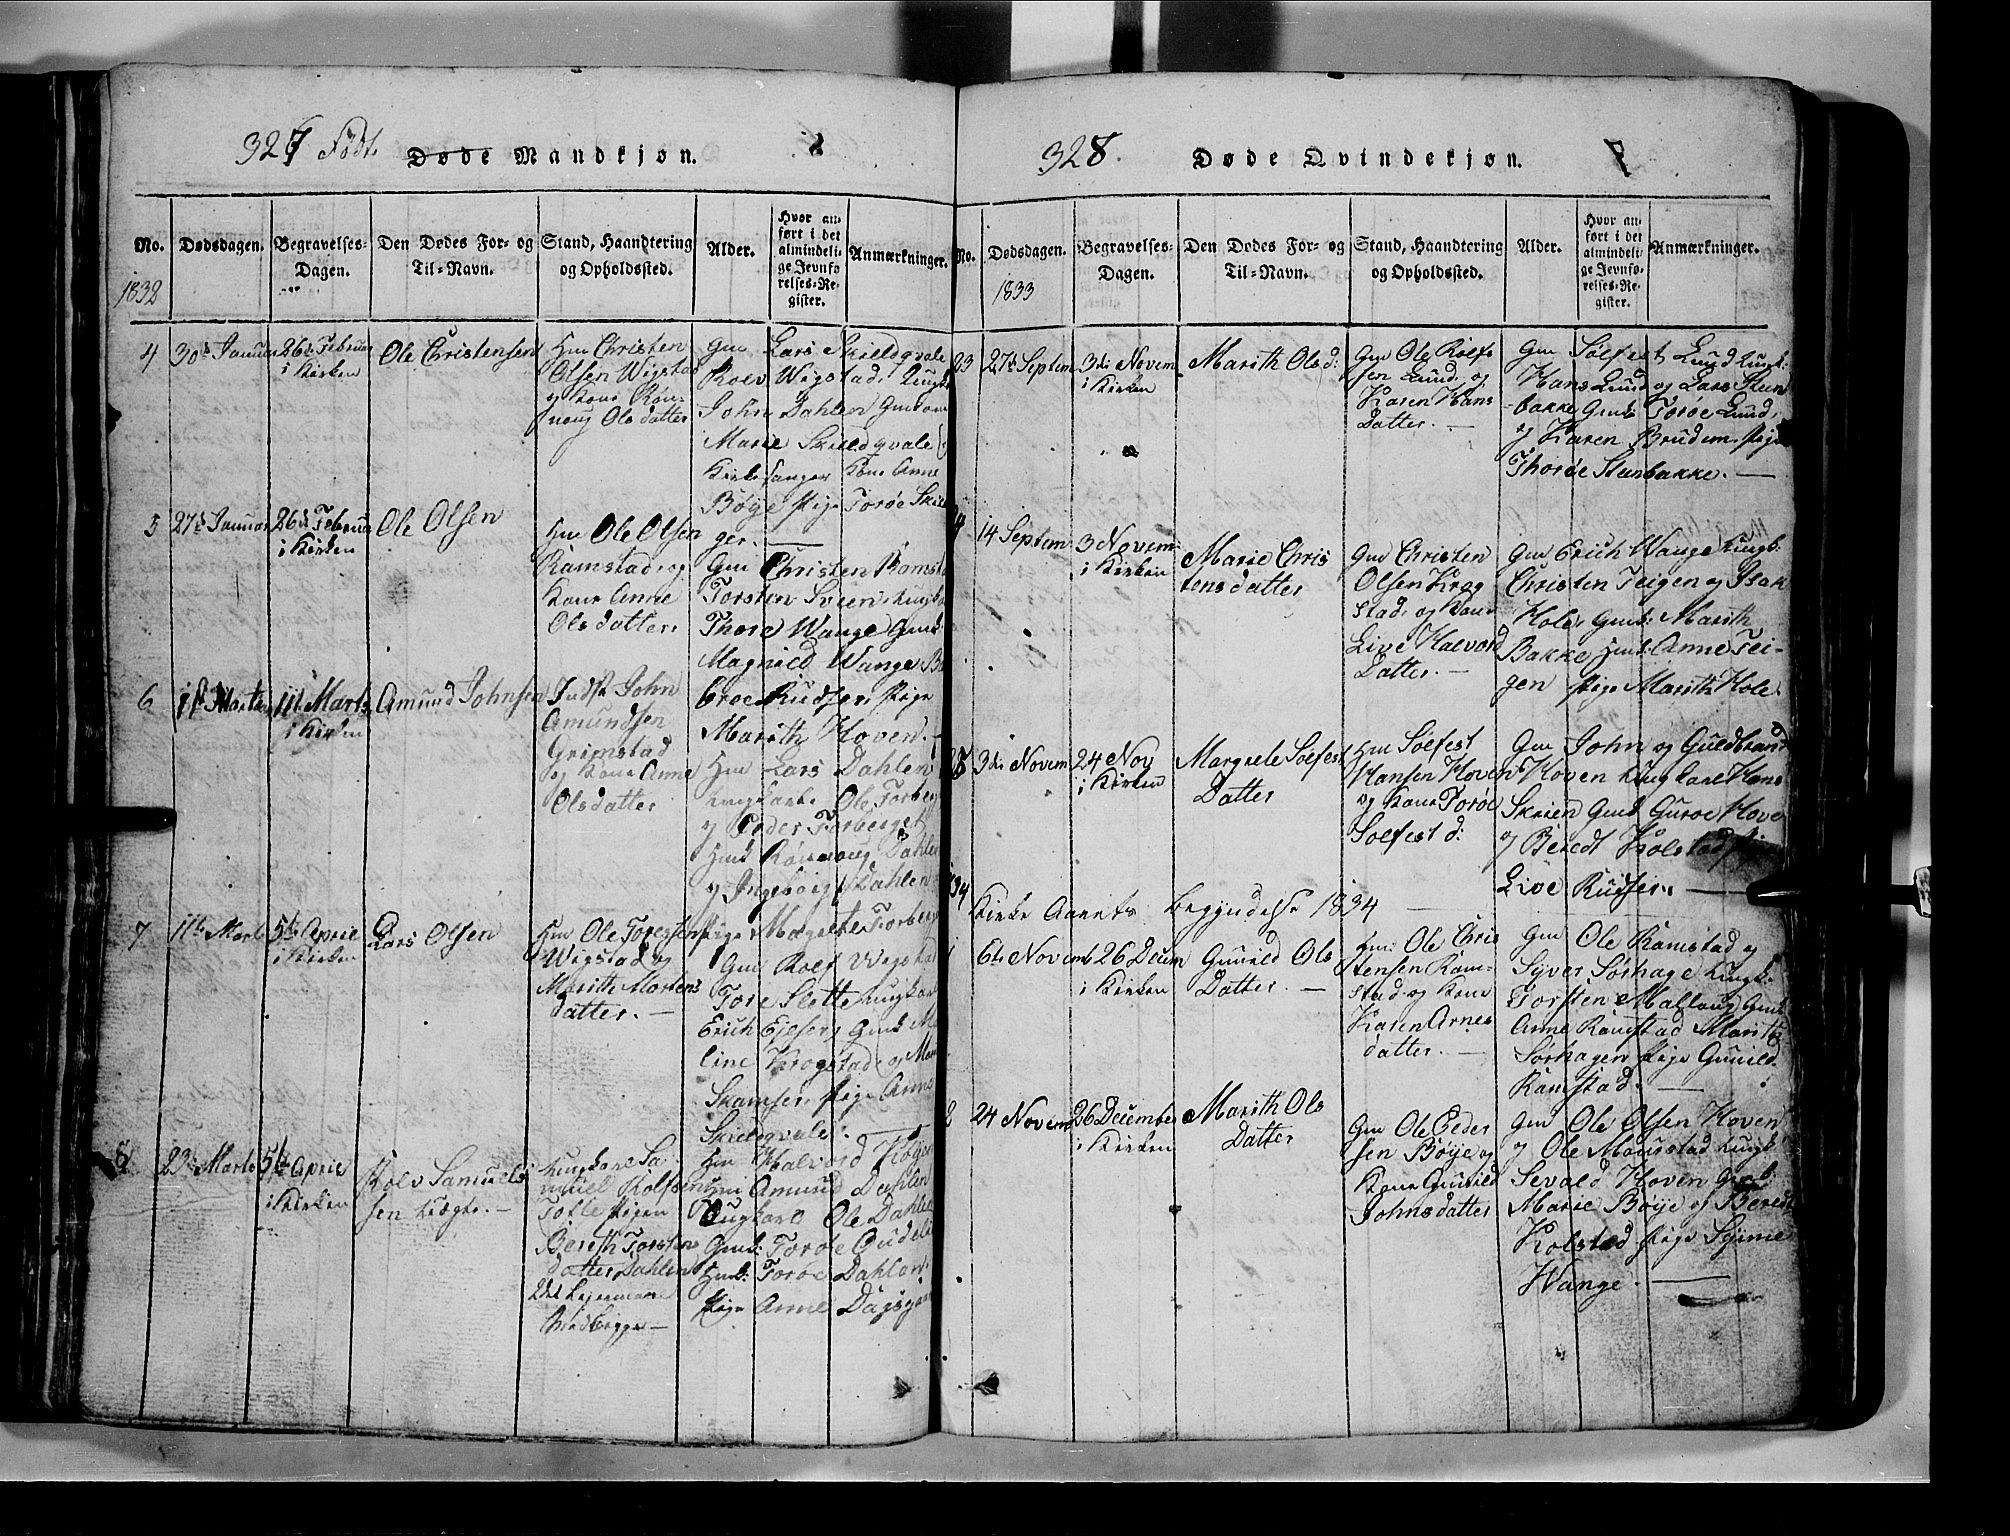 SAH, Lom prestekontor, L/L0003: Klokkerbok nr. 3, 1815-1844, s. 327-328